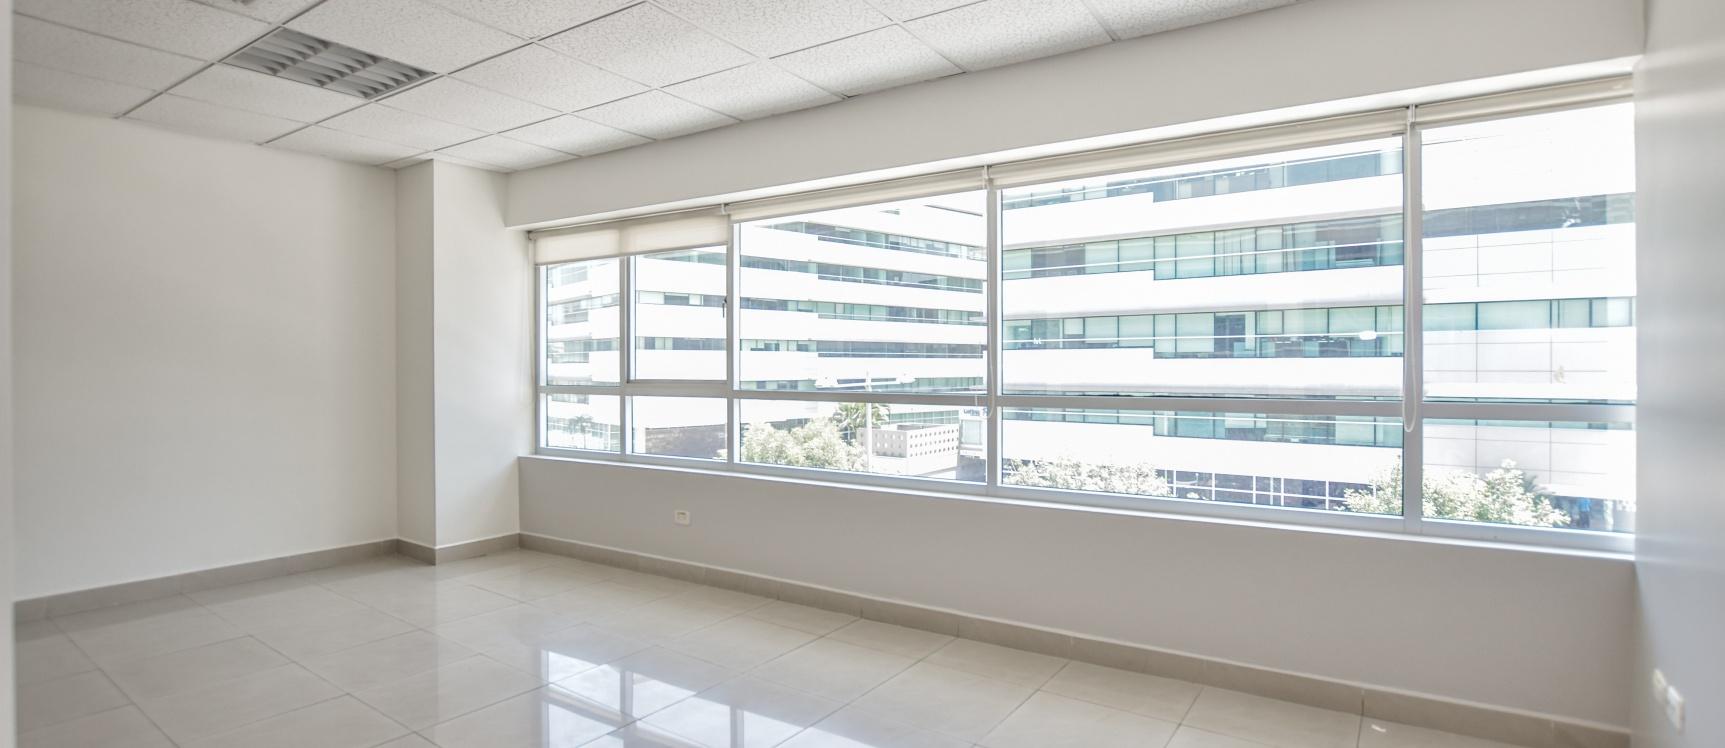 GeoBienes - Oficina en alquiler ubicada en el Parque Empresarial Colón - Plusvalia Guayaquil Casas de venta y alquiler Inmobiliaria Ecuador